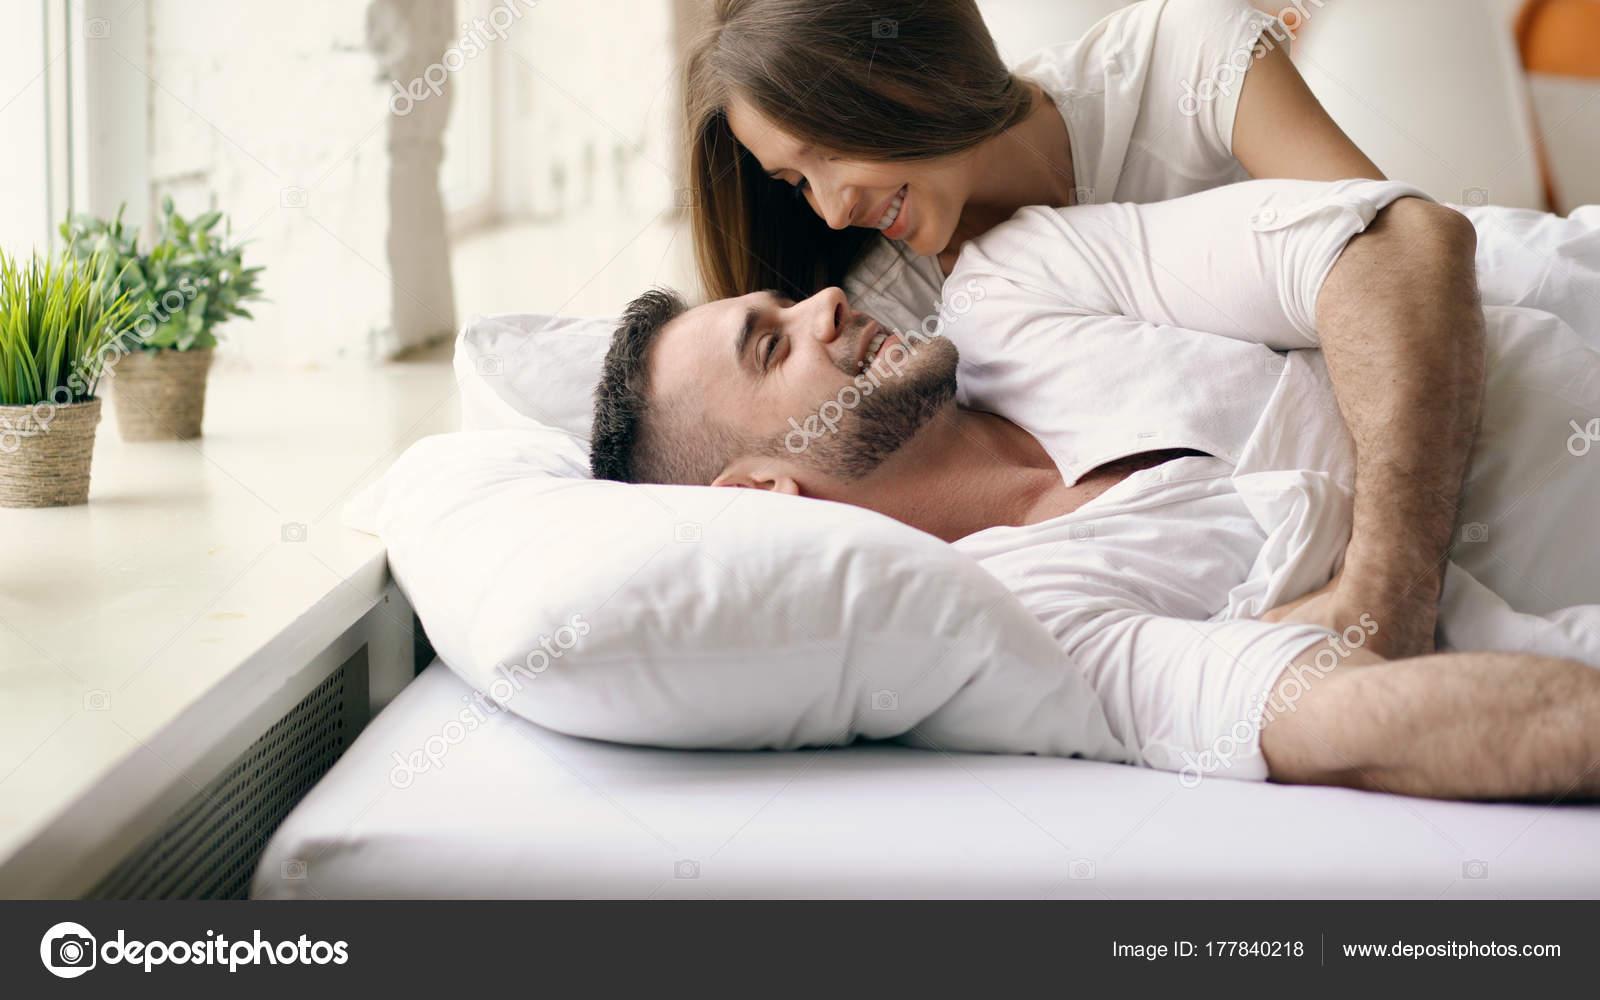 vakna dating login